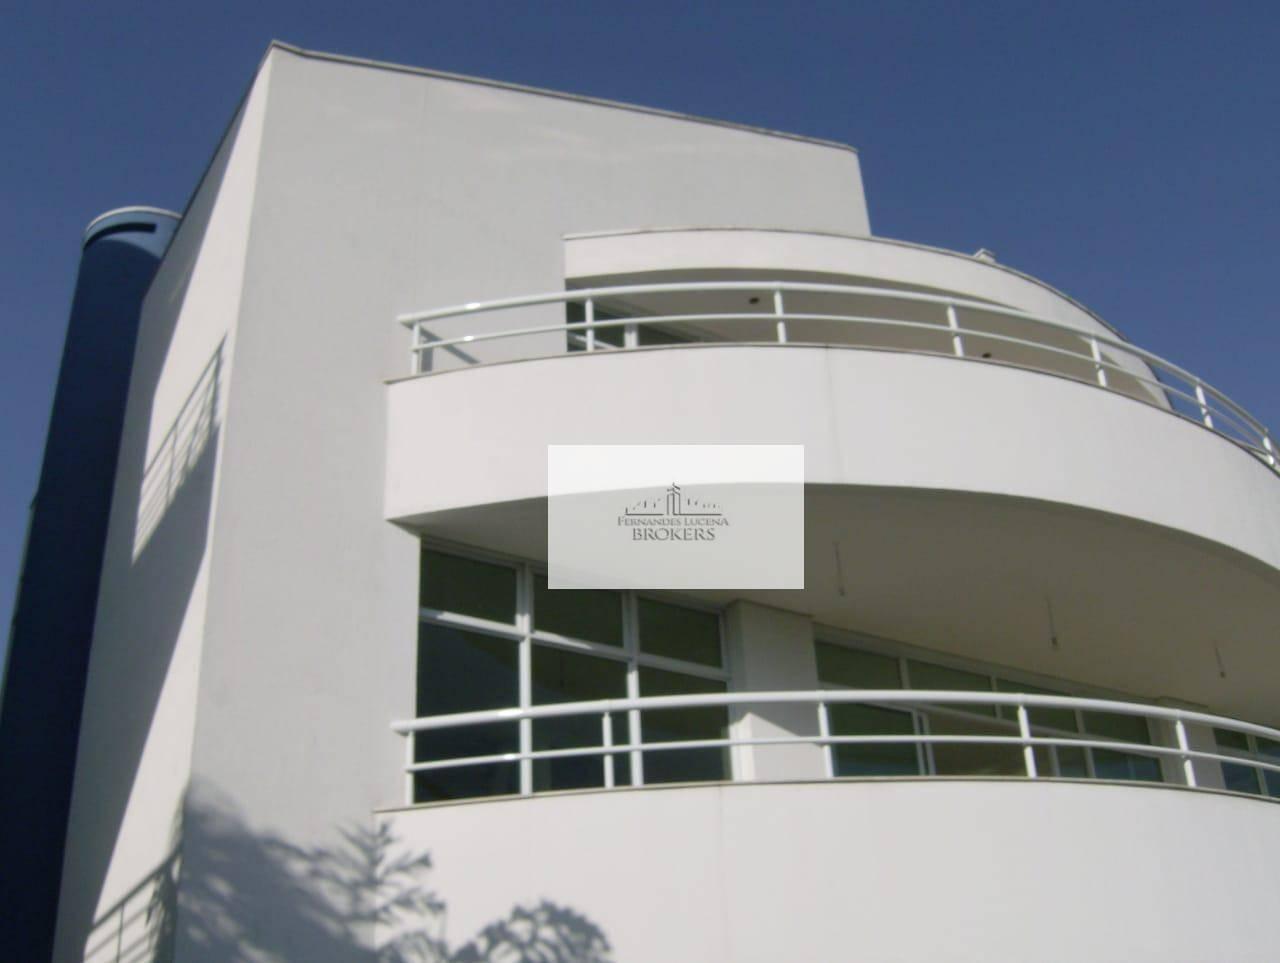 casa nova com ótima localização e vista privilegiada. arquitetura moderna e clean. acabamento impecável. sala de...